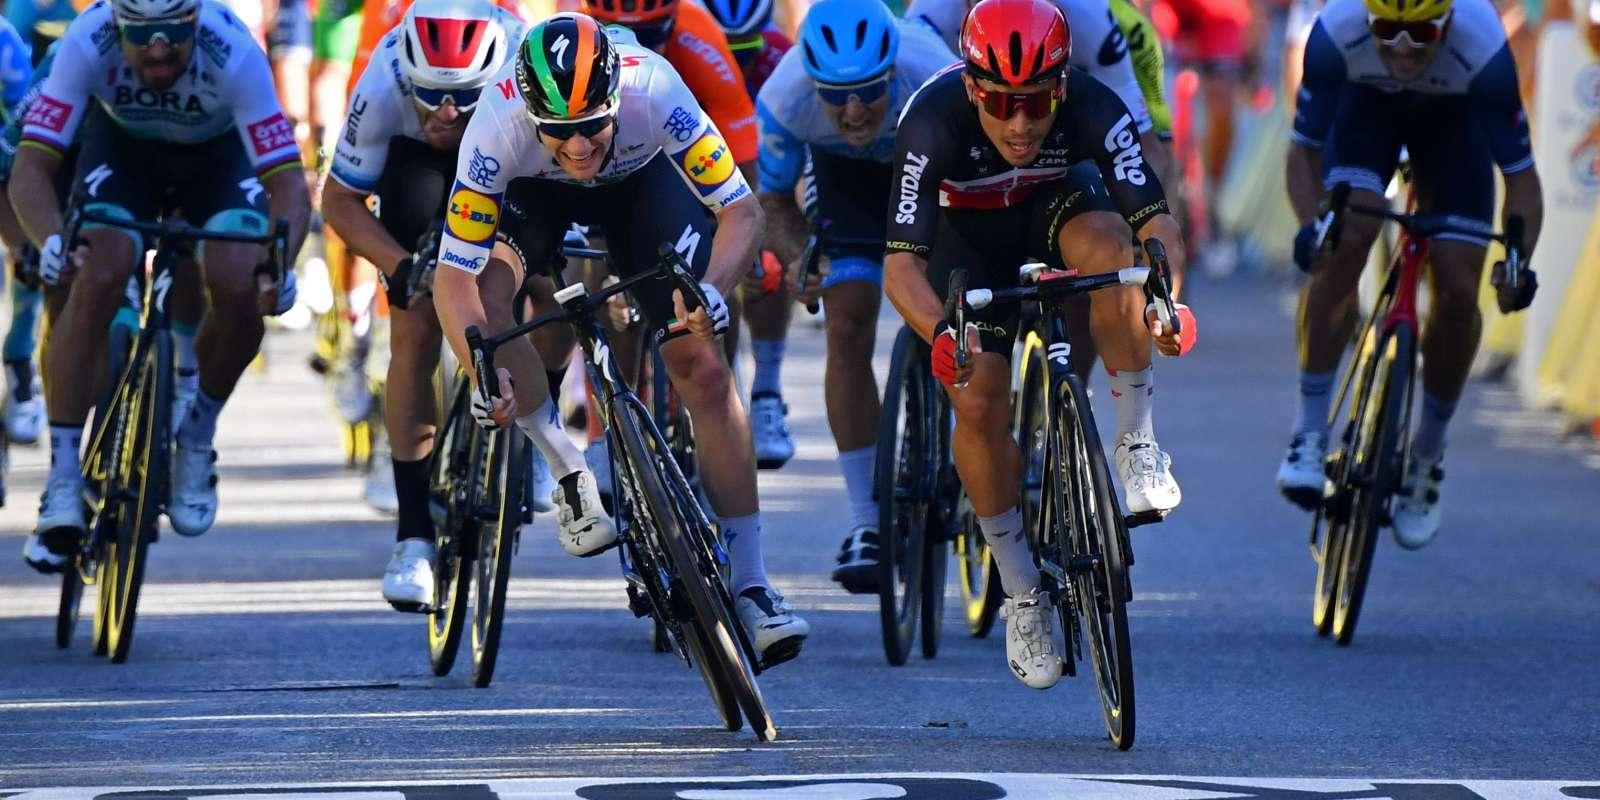 L'Australien Caleb Ewan (au centre) a attendu le tout dernier moment du sprint avant de déboîter et dépasser l'Irlandais Sam Bennett (à gauche sur la photo).